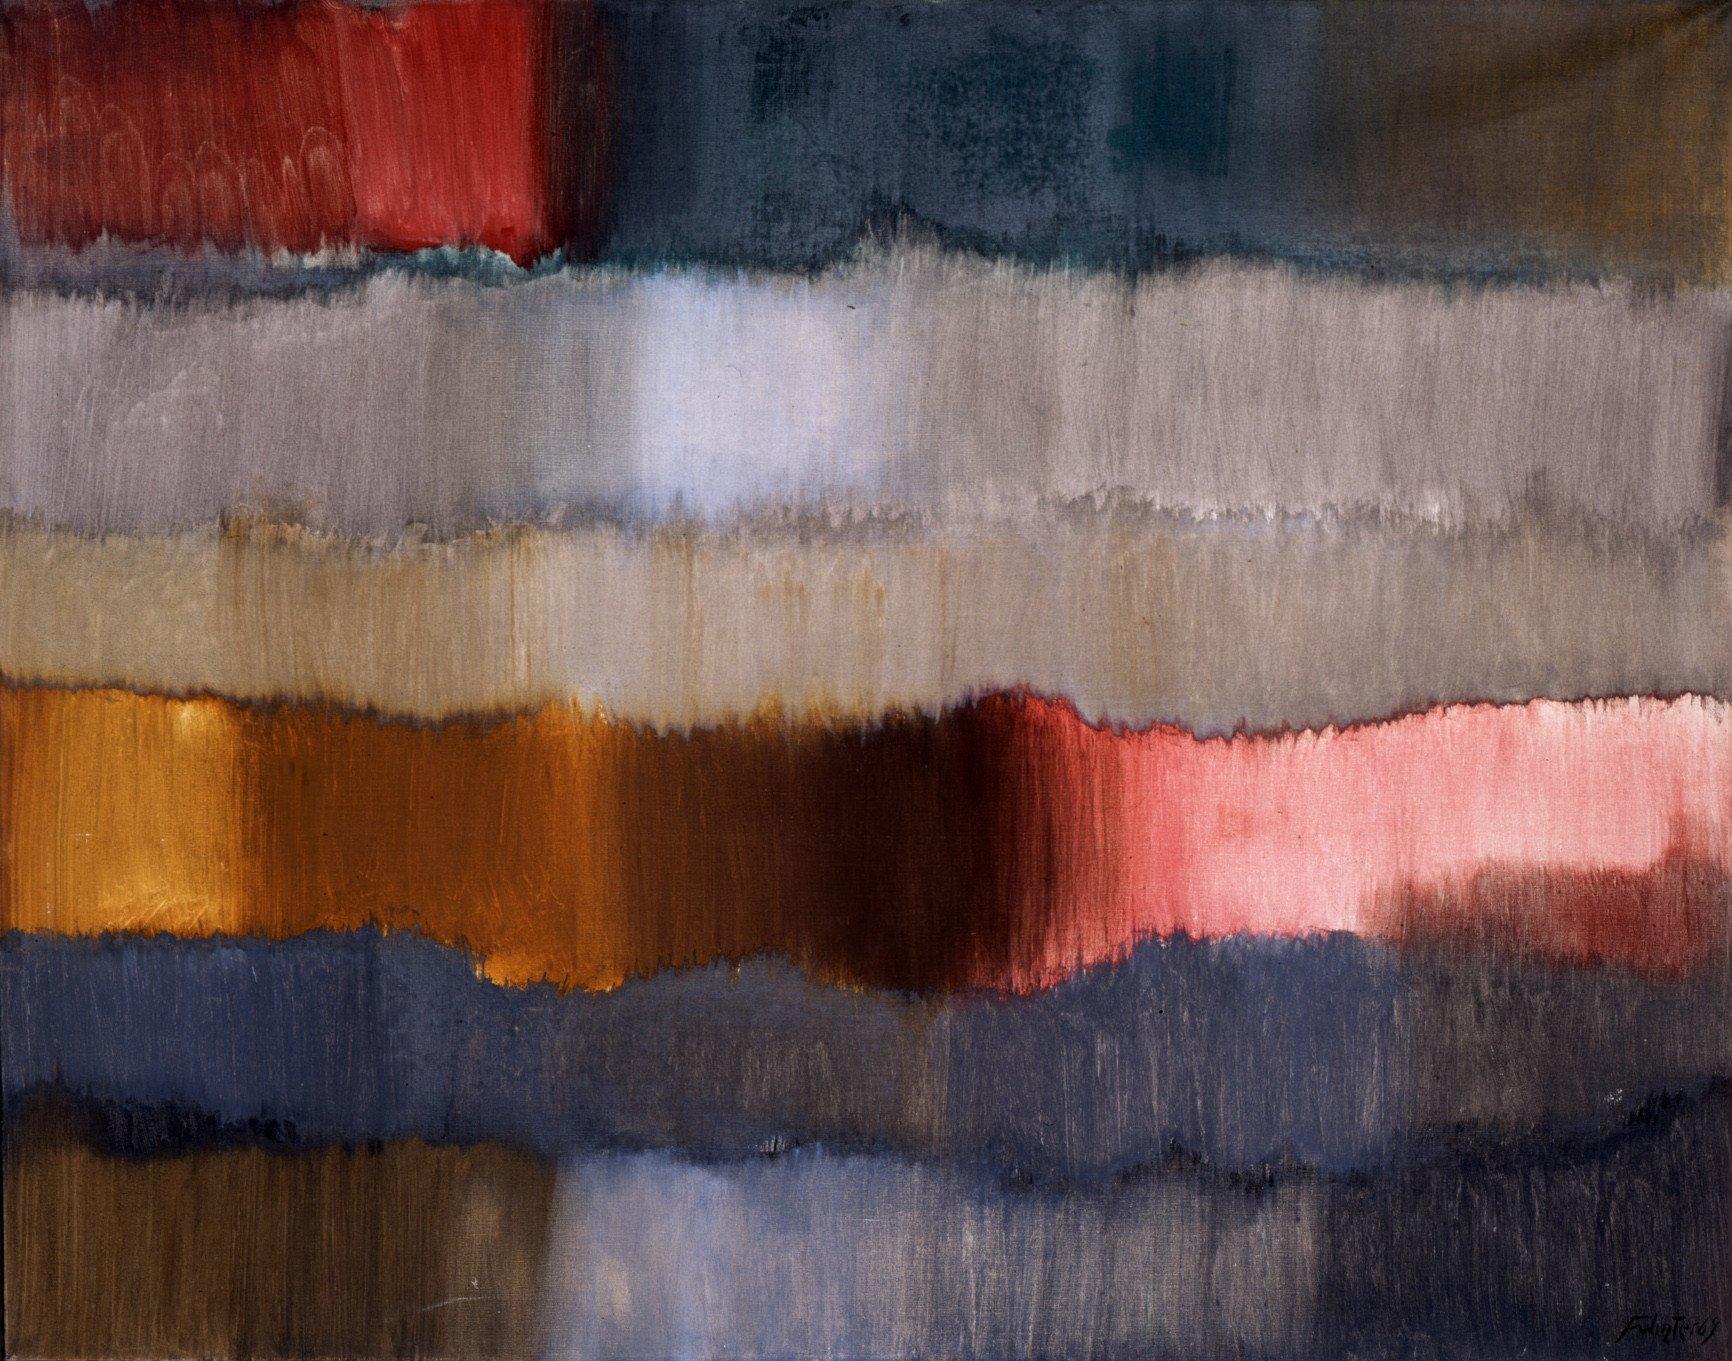 Horizonte, 1964, Öl auf textilem Bildträger; Leihgabe des Förderkreises für die Kunsthalle Mannheim e.V. seit 1999; Geschenk von Gisela und Hermann Freudenberg; © VG Bild-Kunst, Bonn 2013